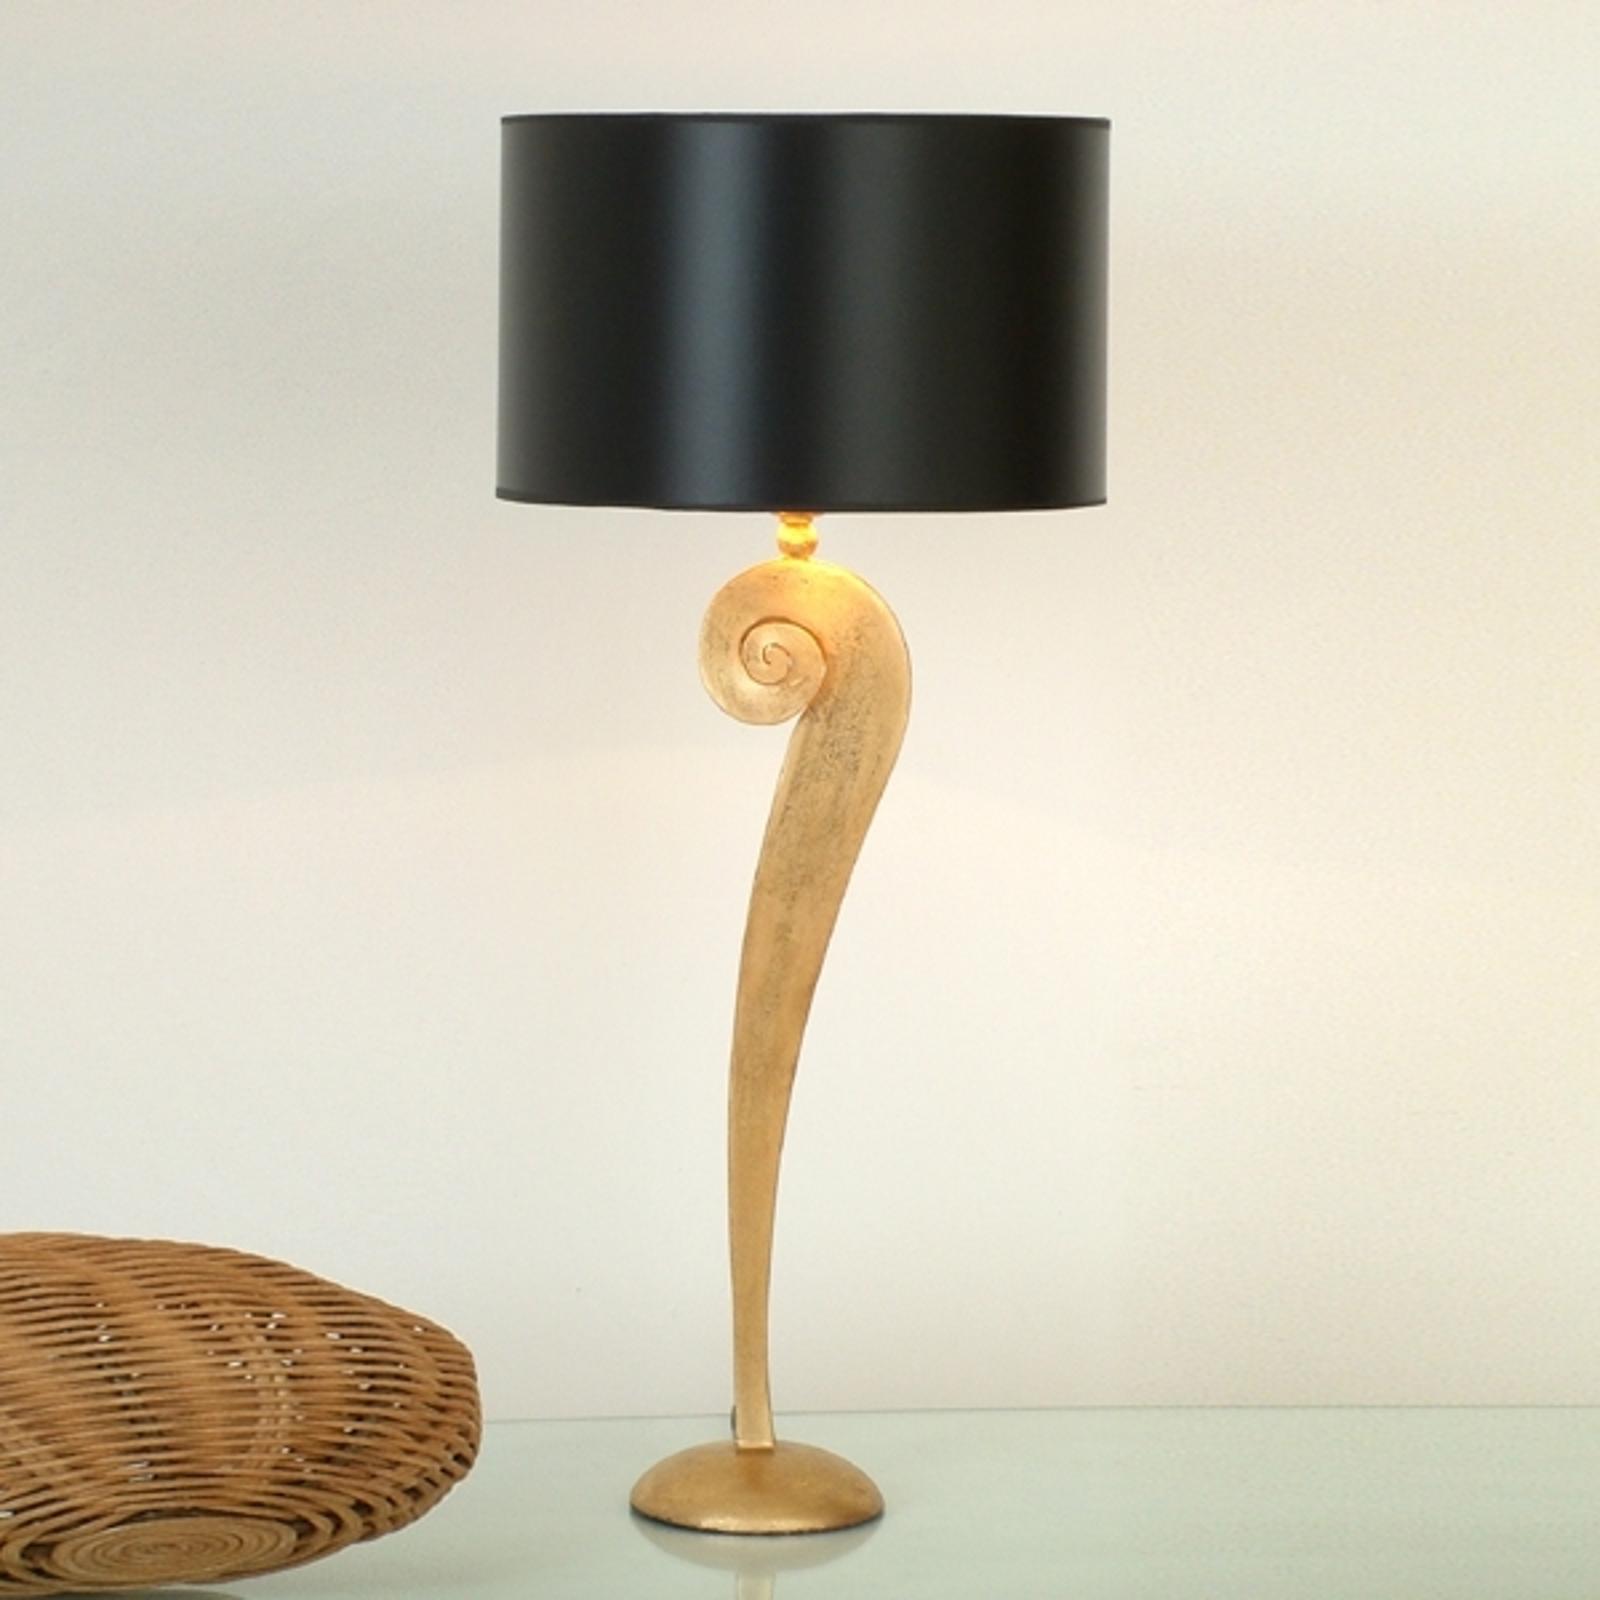 Lampe à poser Lorgolioso élégante en noir et or